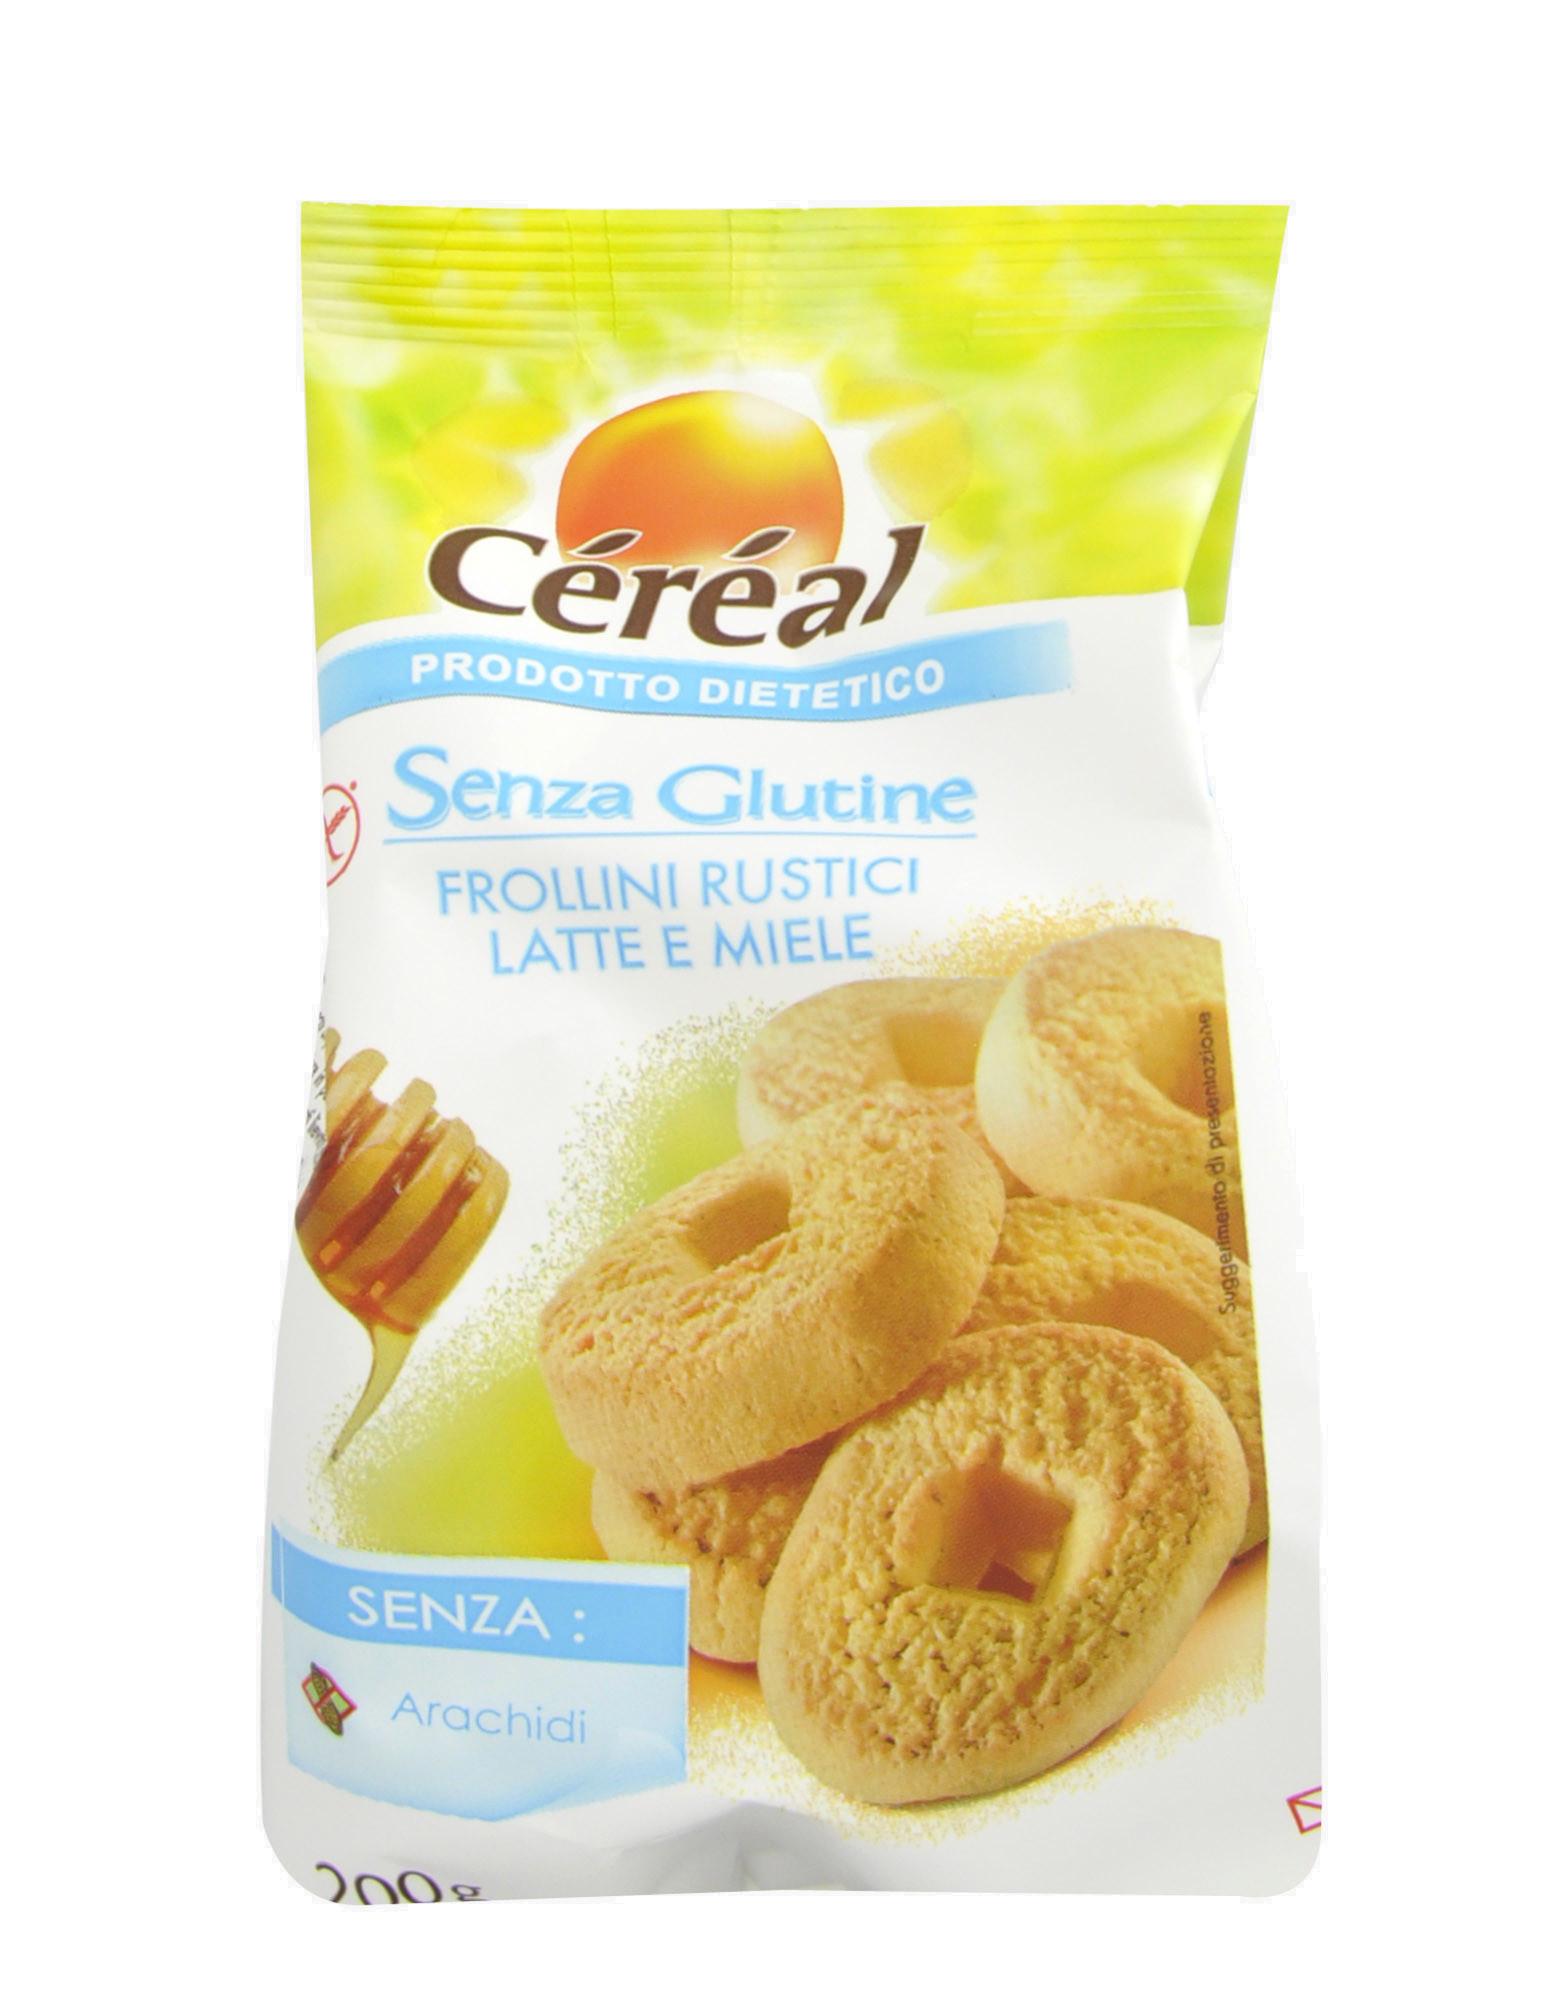 Risultati immagini per frollini cereal senza glutine